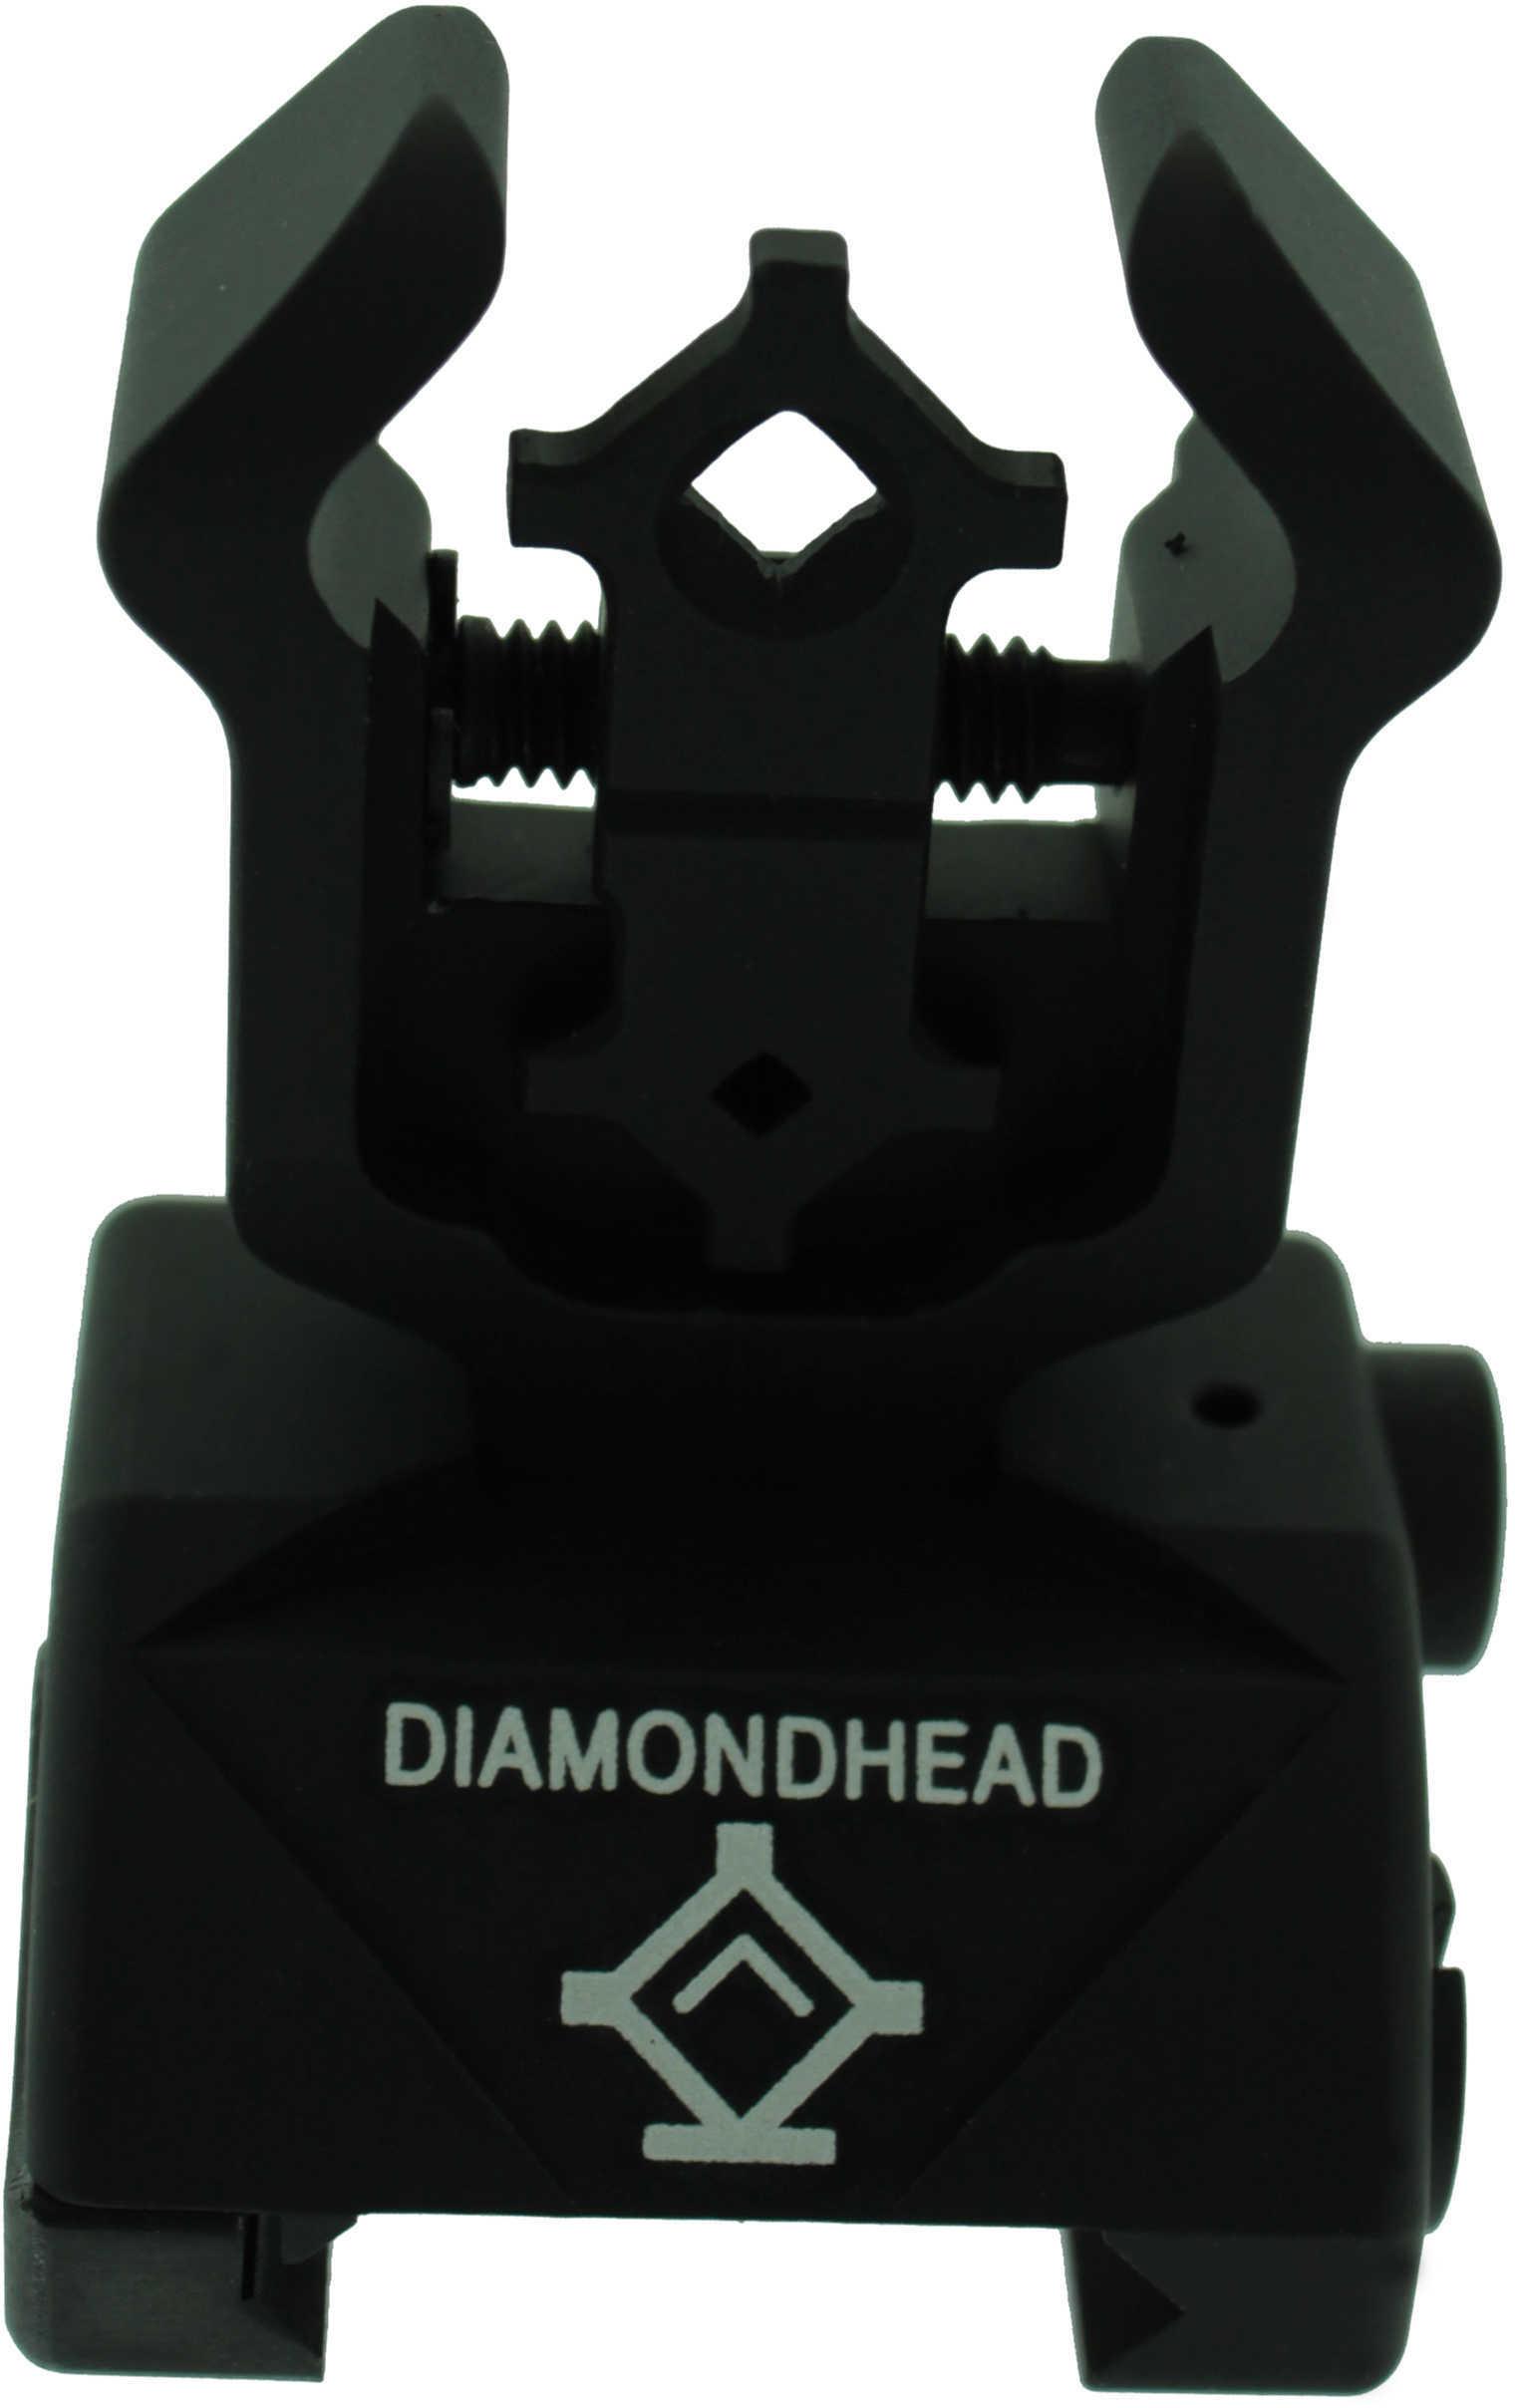 AR-15 Diamond Sight Rear Sight, Gen 2 Md: 1101